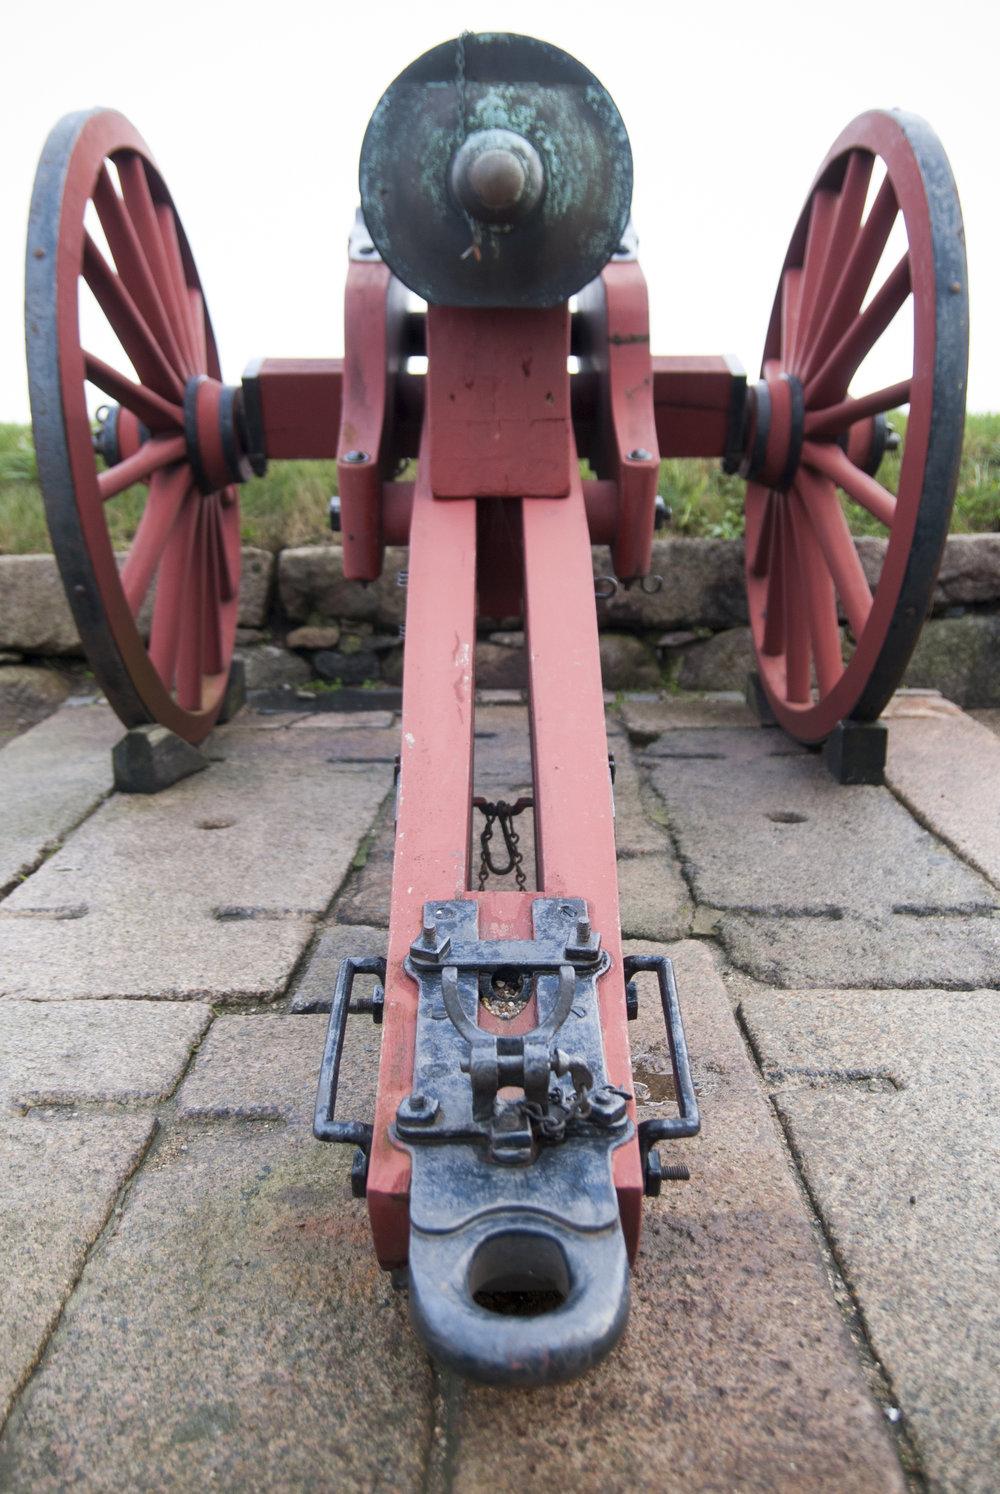 Linde Smide & Metallgestaltning. Lavetter till kanonerna på Kronborg, Danmark. Restaurerade och kompletterade. 17- och 1800-tal.